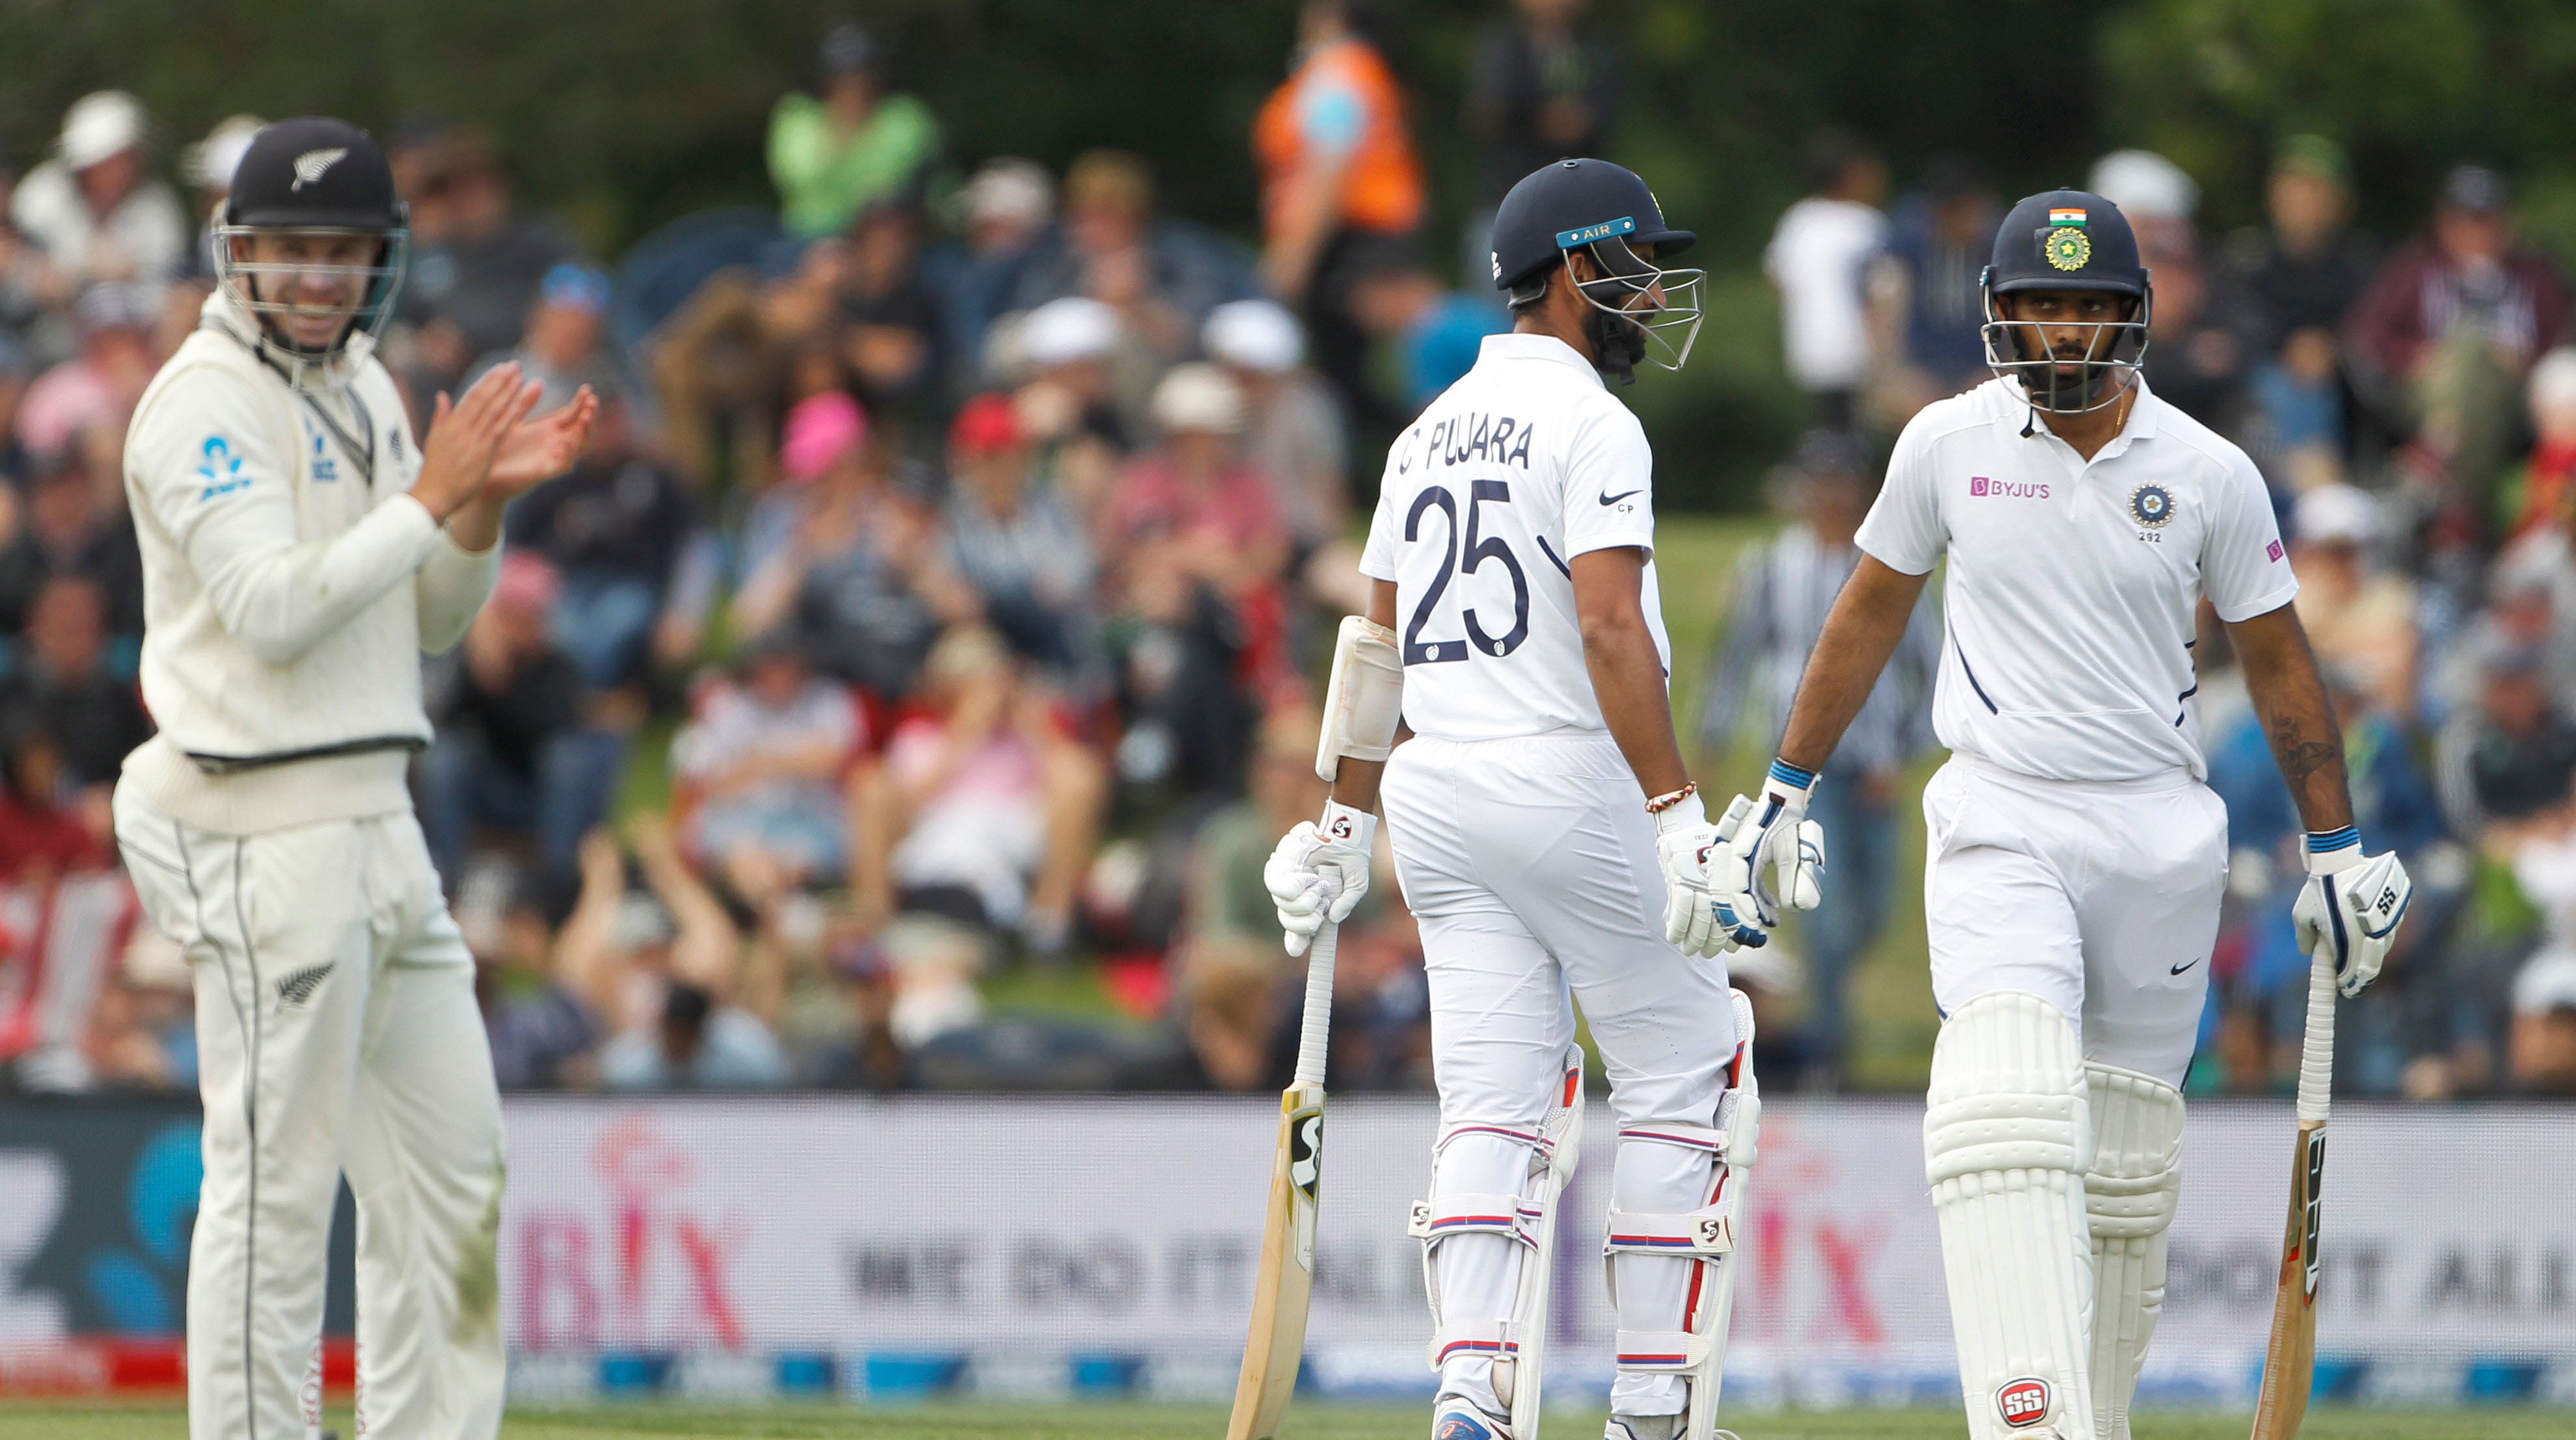 आयसीसी क्रमवारी : टीम इंडियासाठी धोक्याची घंटा, न्यूझीलंडची दुसऱ्या स्थानी झेप